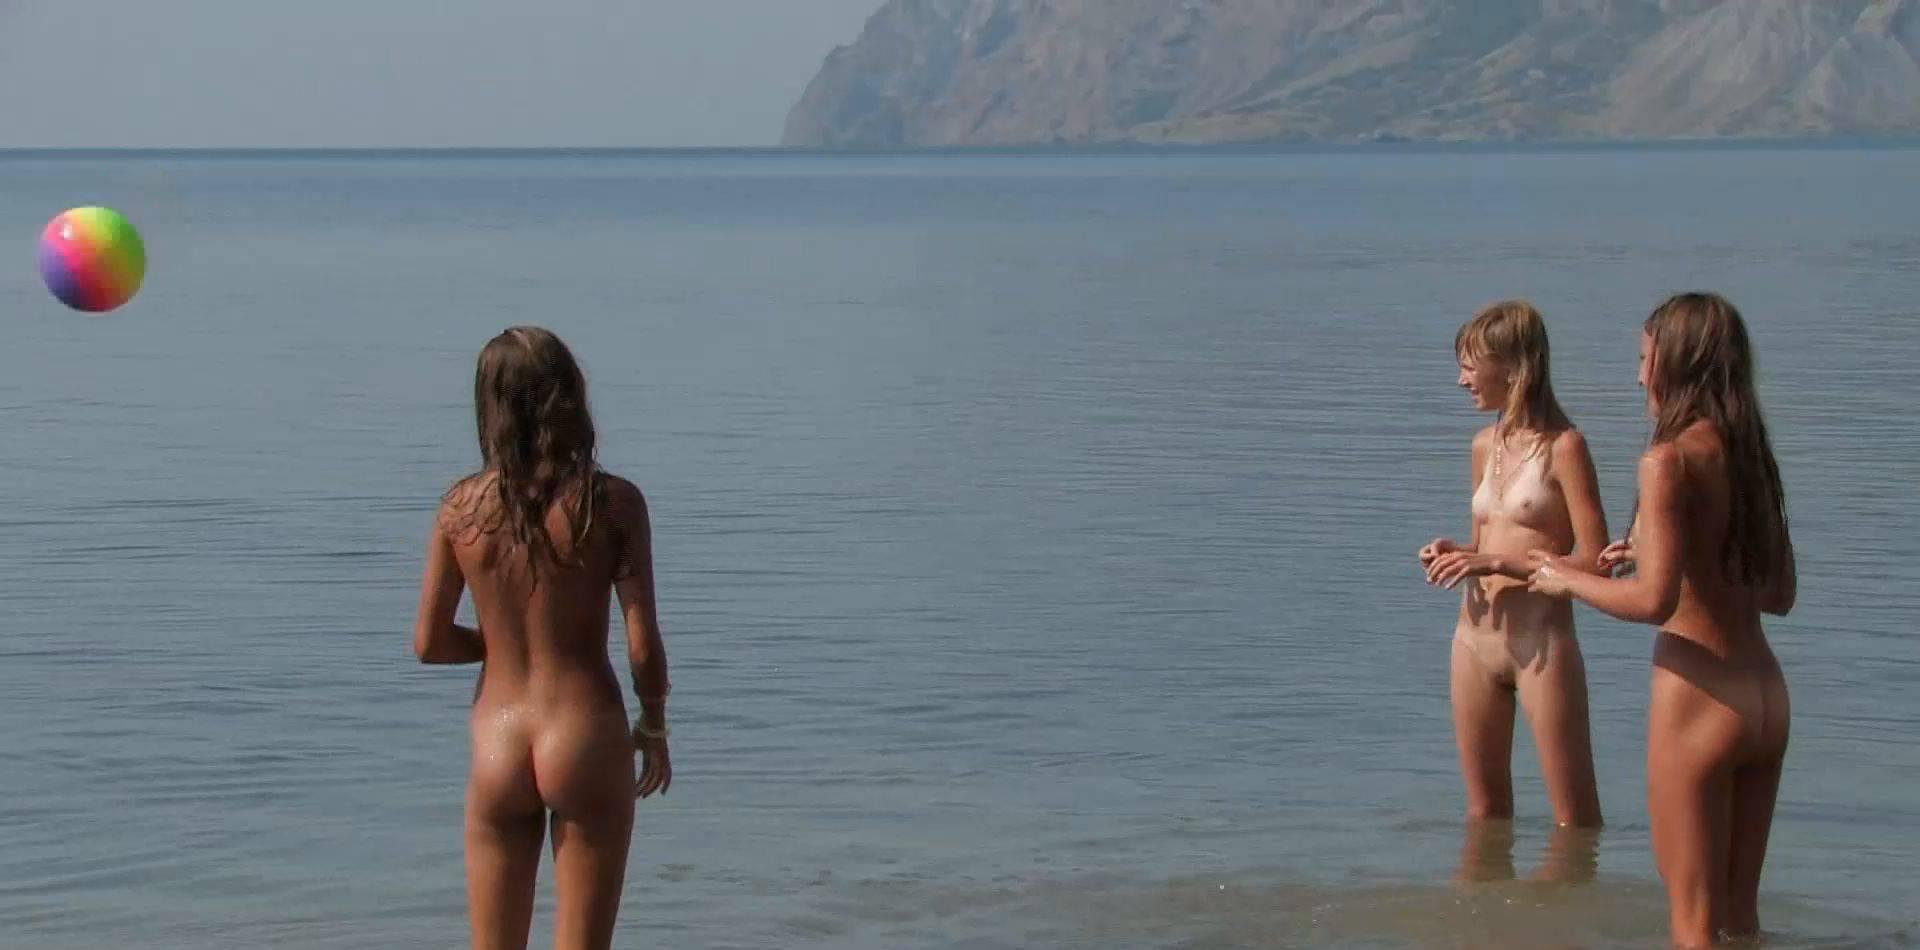 Candid-HD Teen Nudists on Holiday 2 - 1